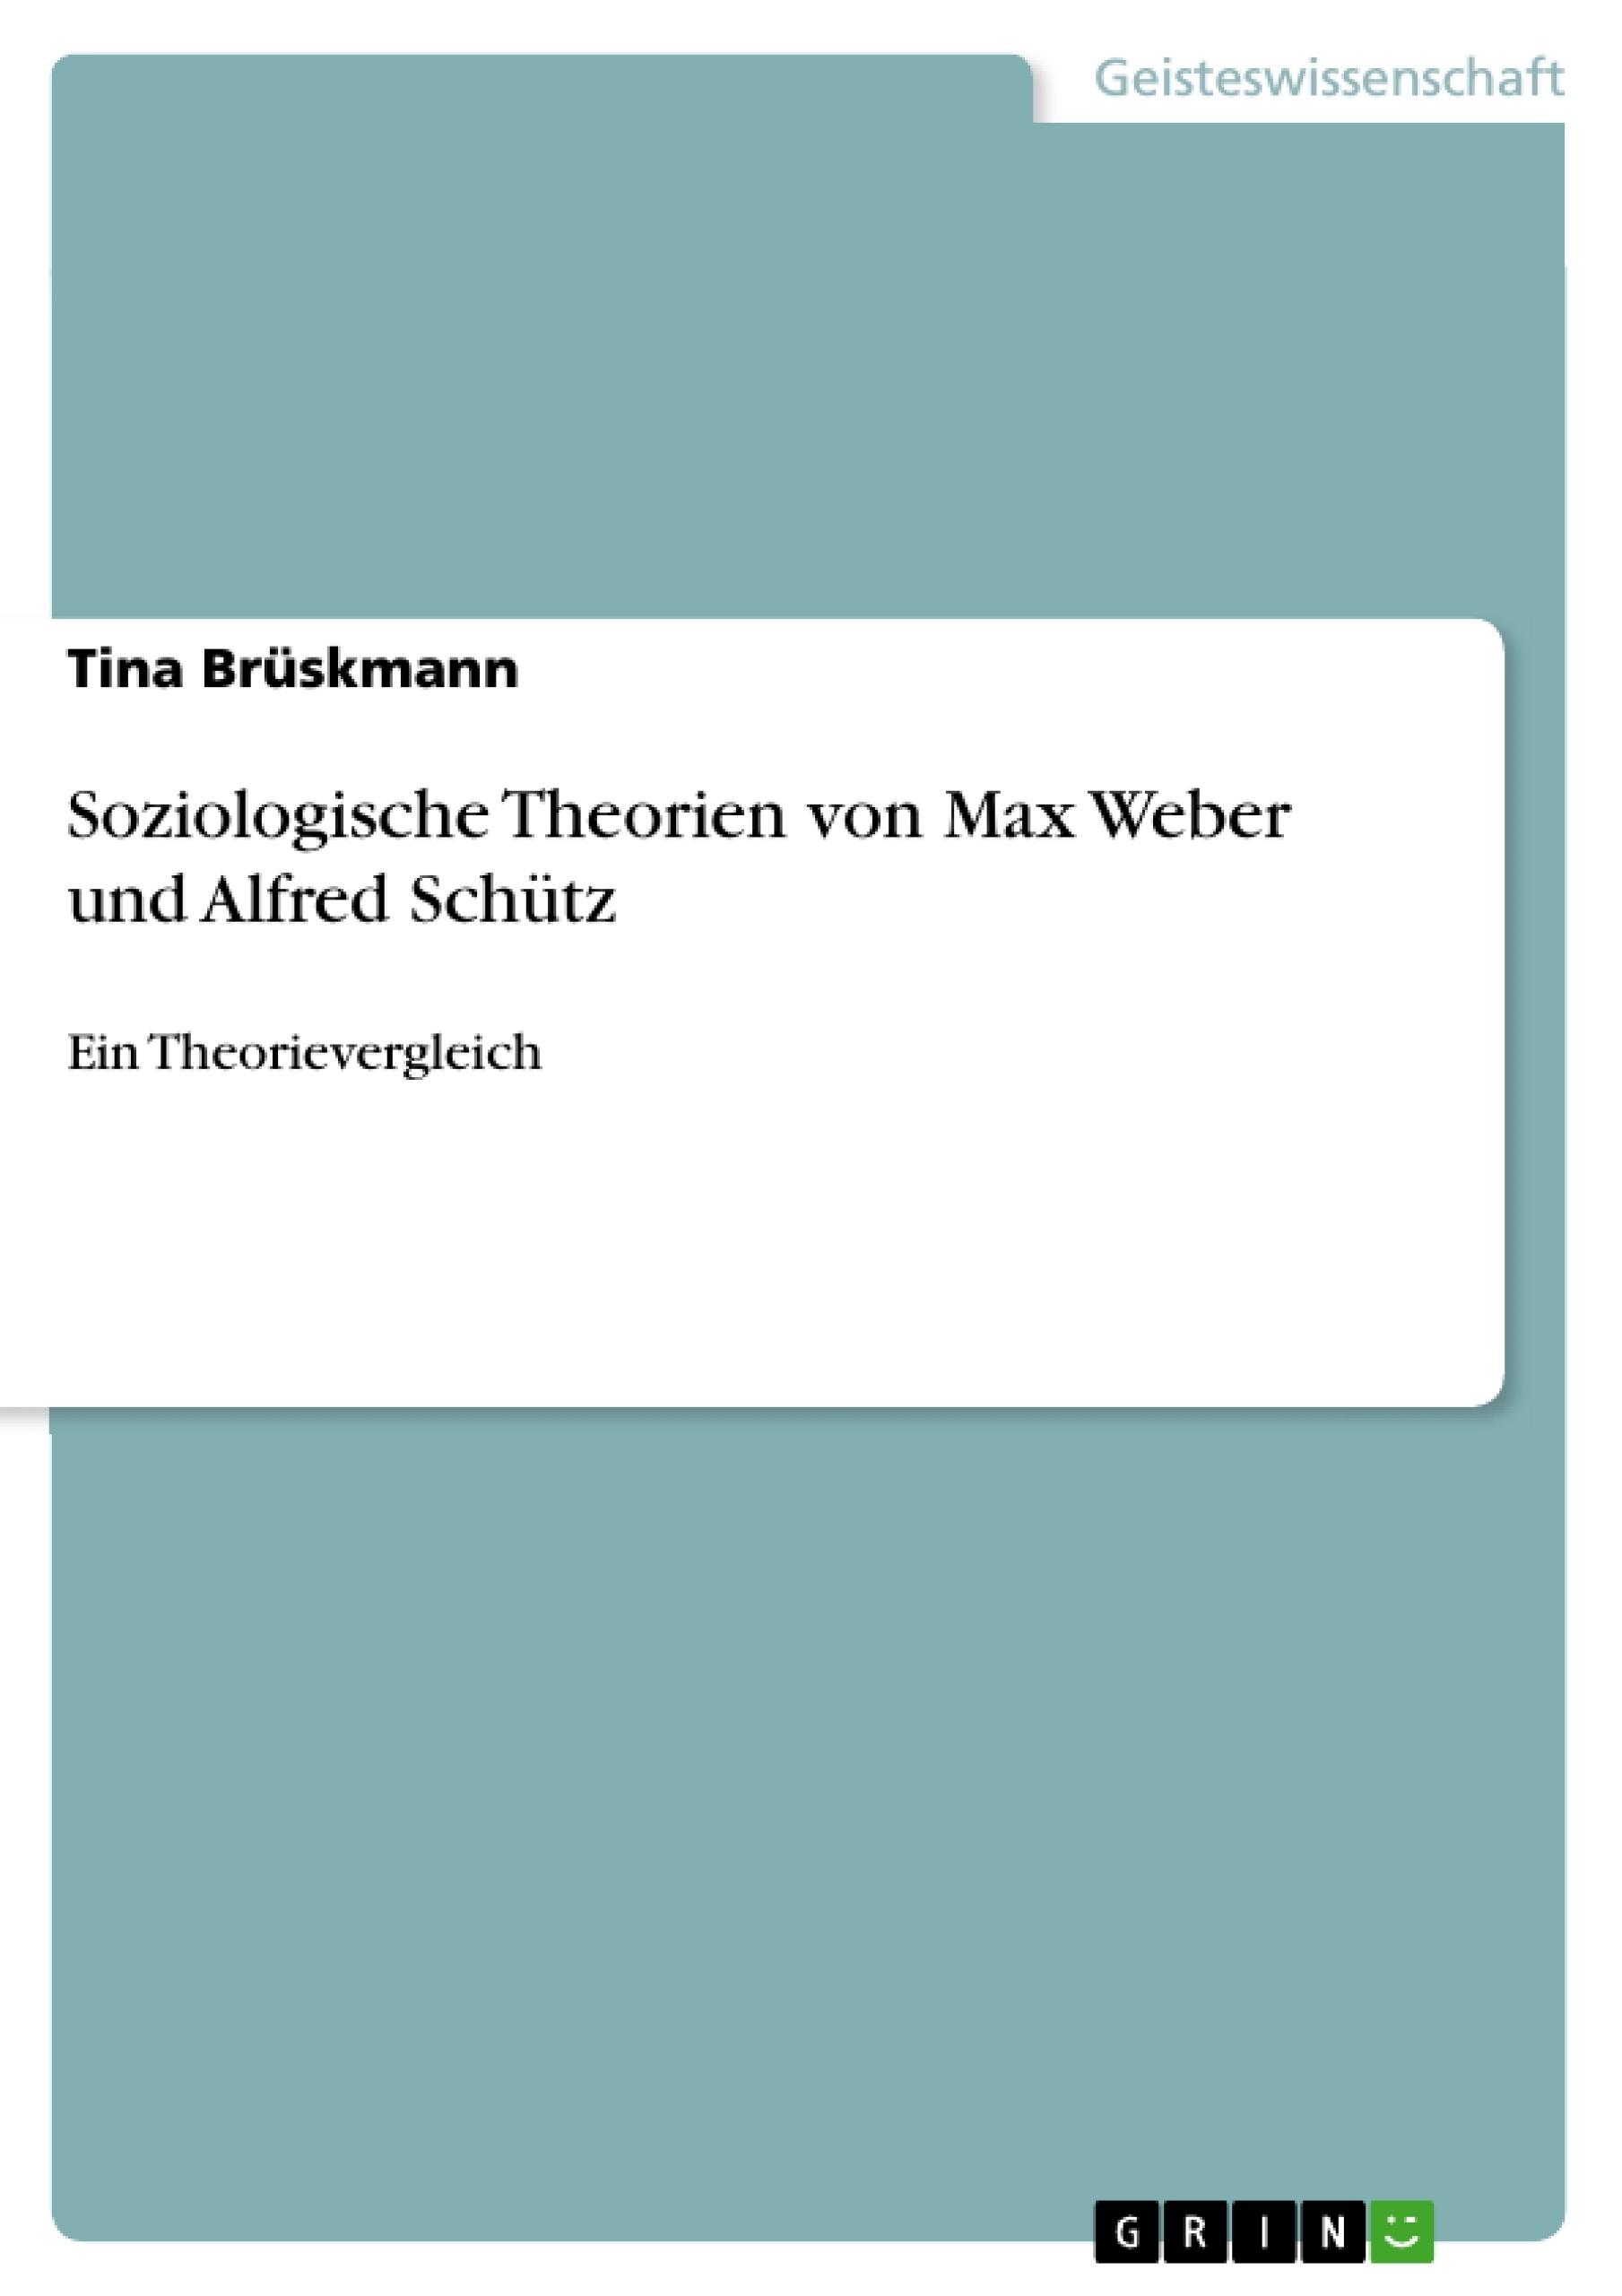 Titel: Soziologische Theorien von Max Weber und Alfred Schütz